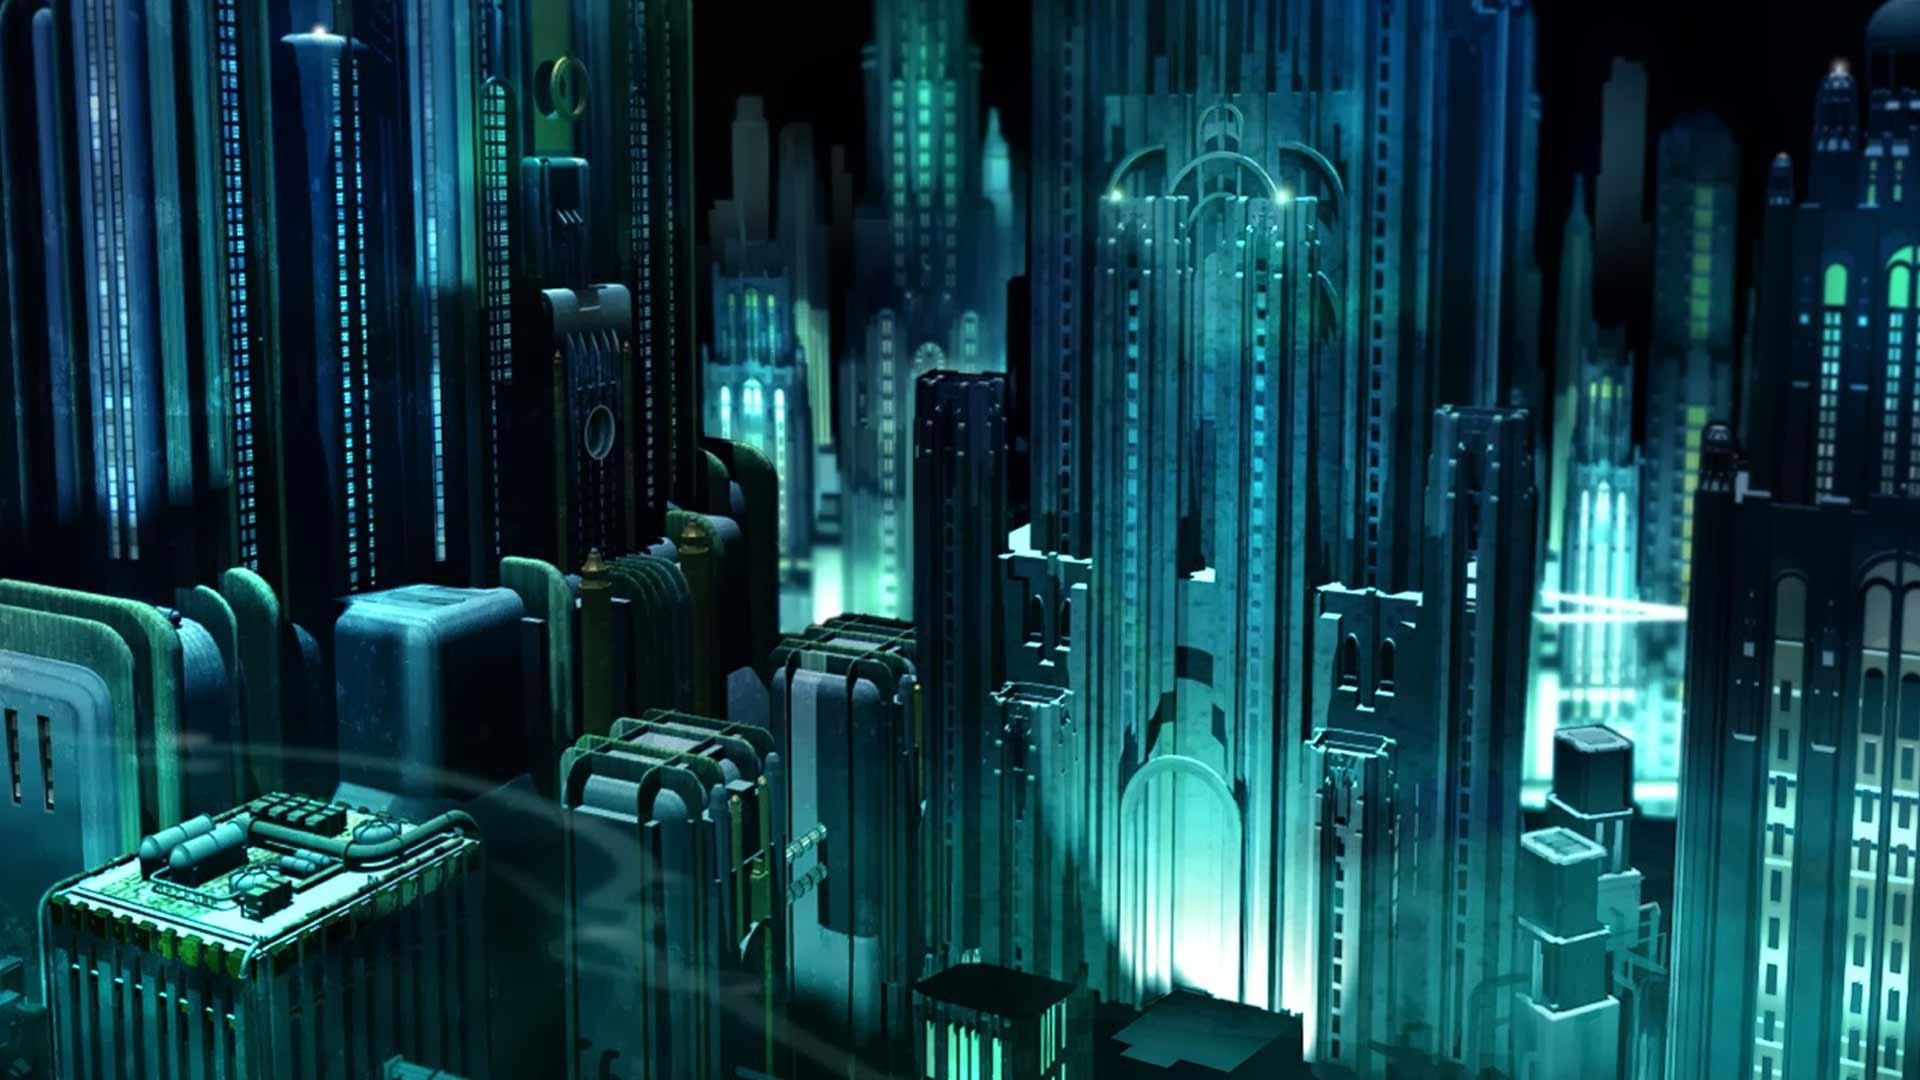 Зачем строить подводные небоскребы?Конечно, есть более реальный дизайн для подводного города?